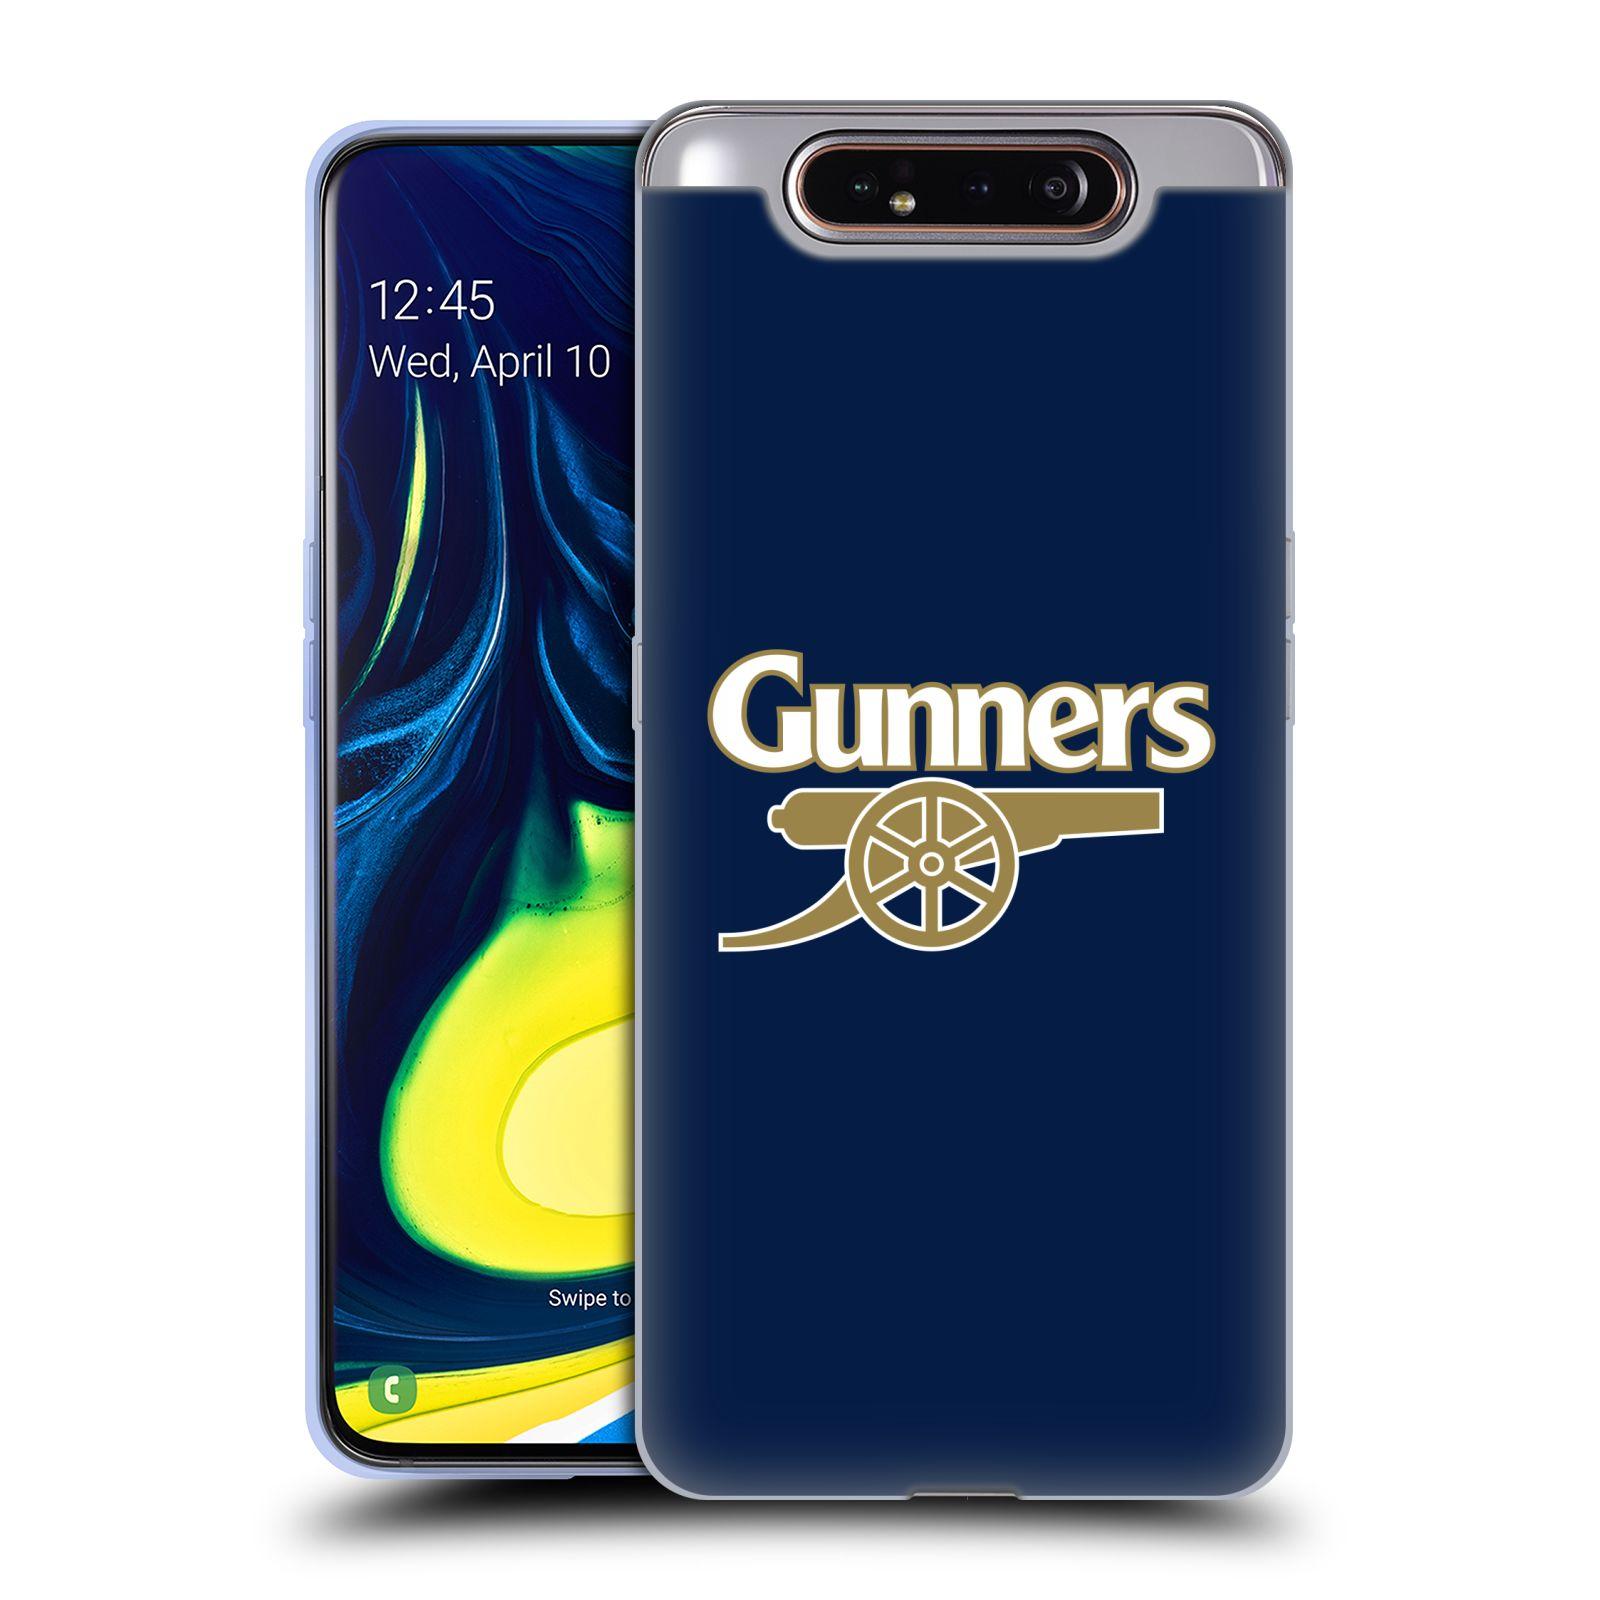 Silikonové pouzdro na mobil Samsung Galaxy A80 - Head Case - Arsenal FC - Gunners